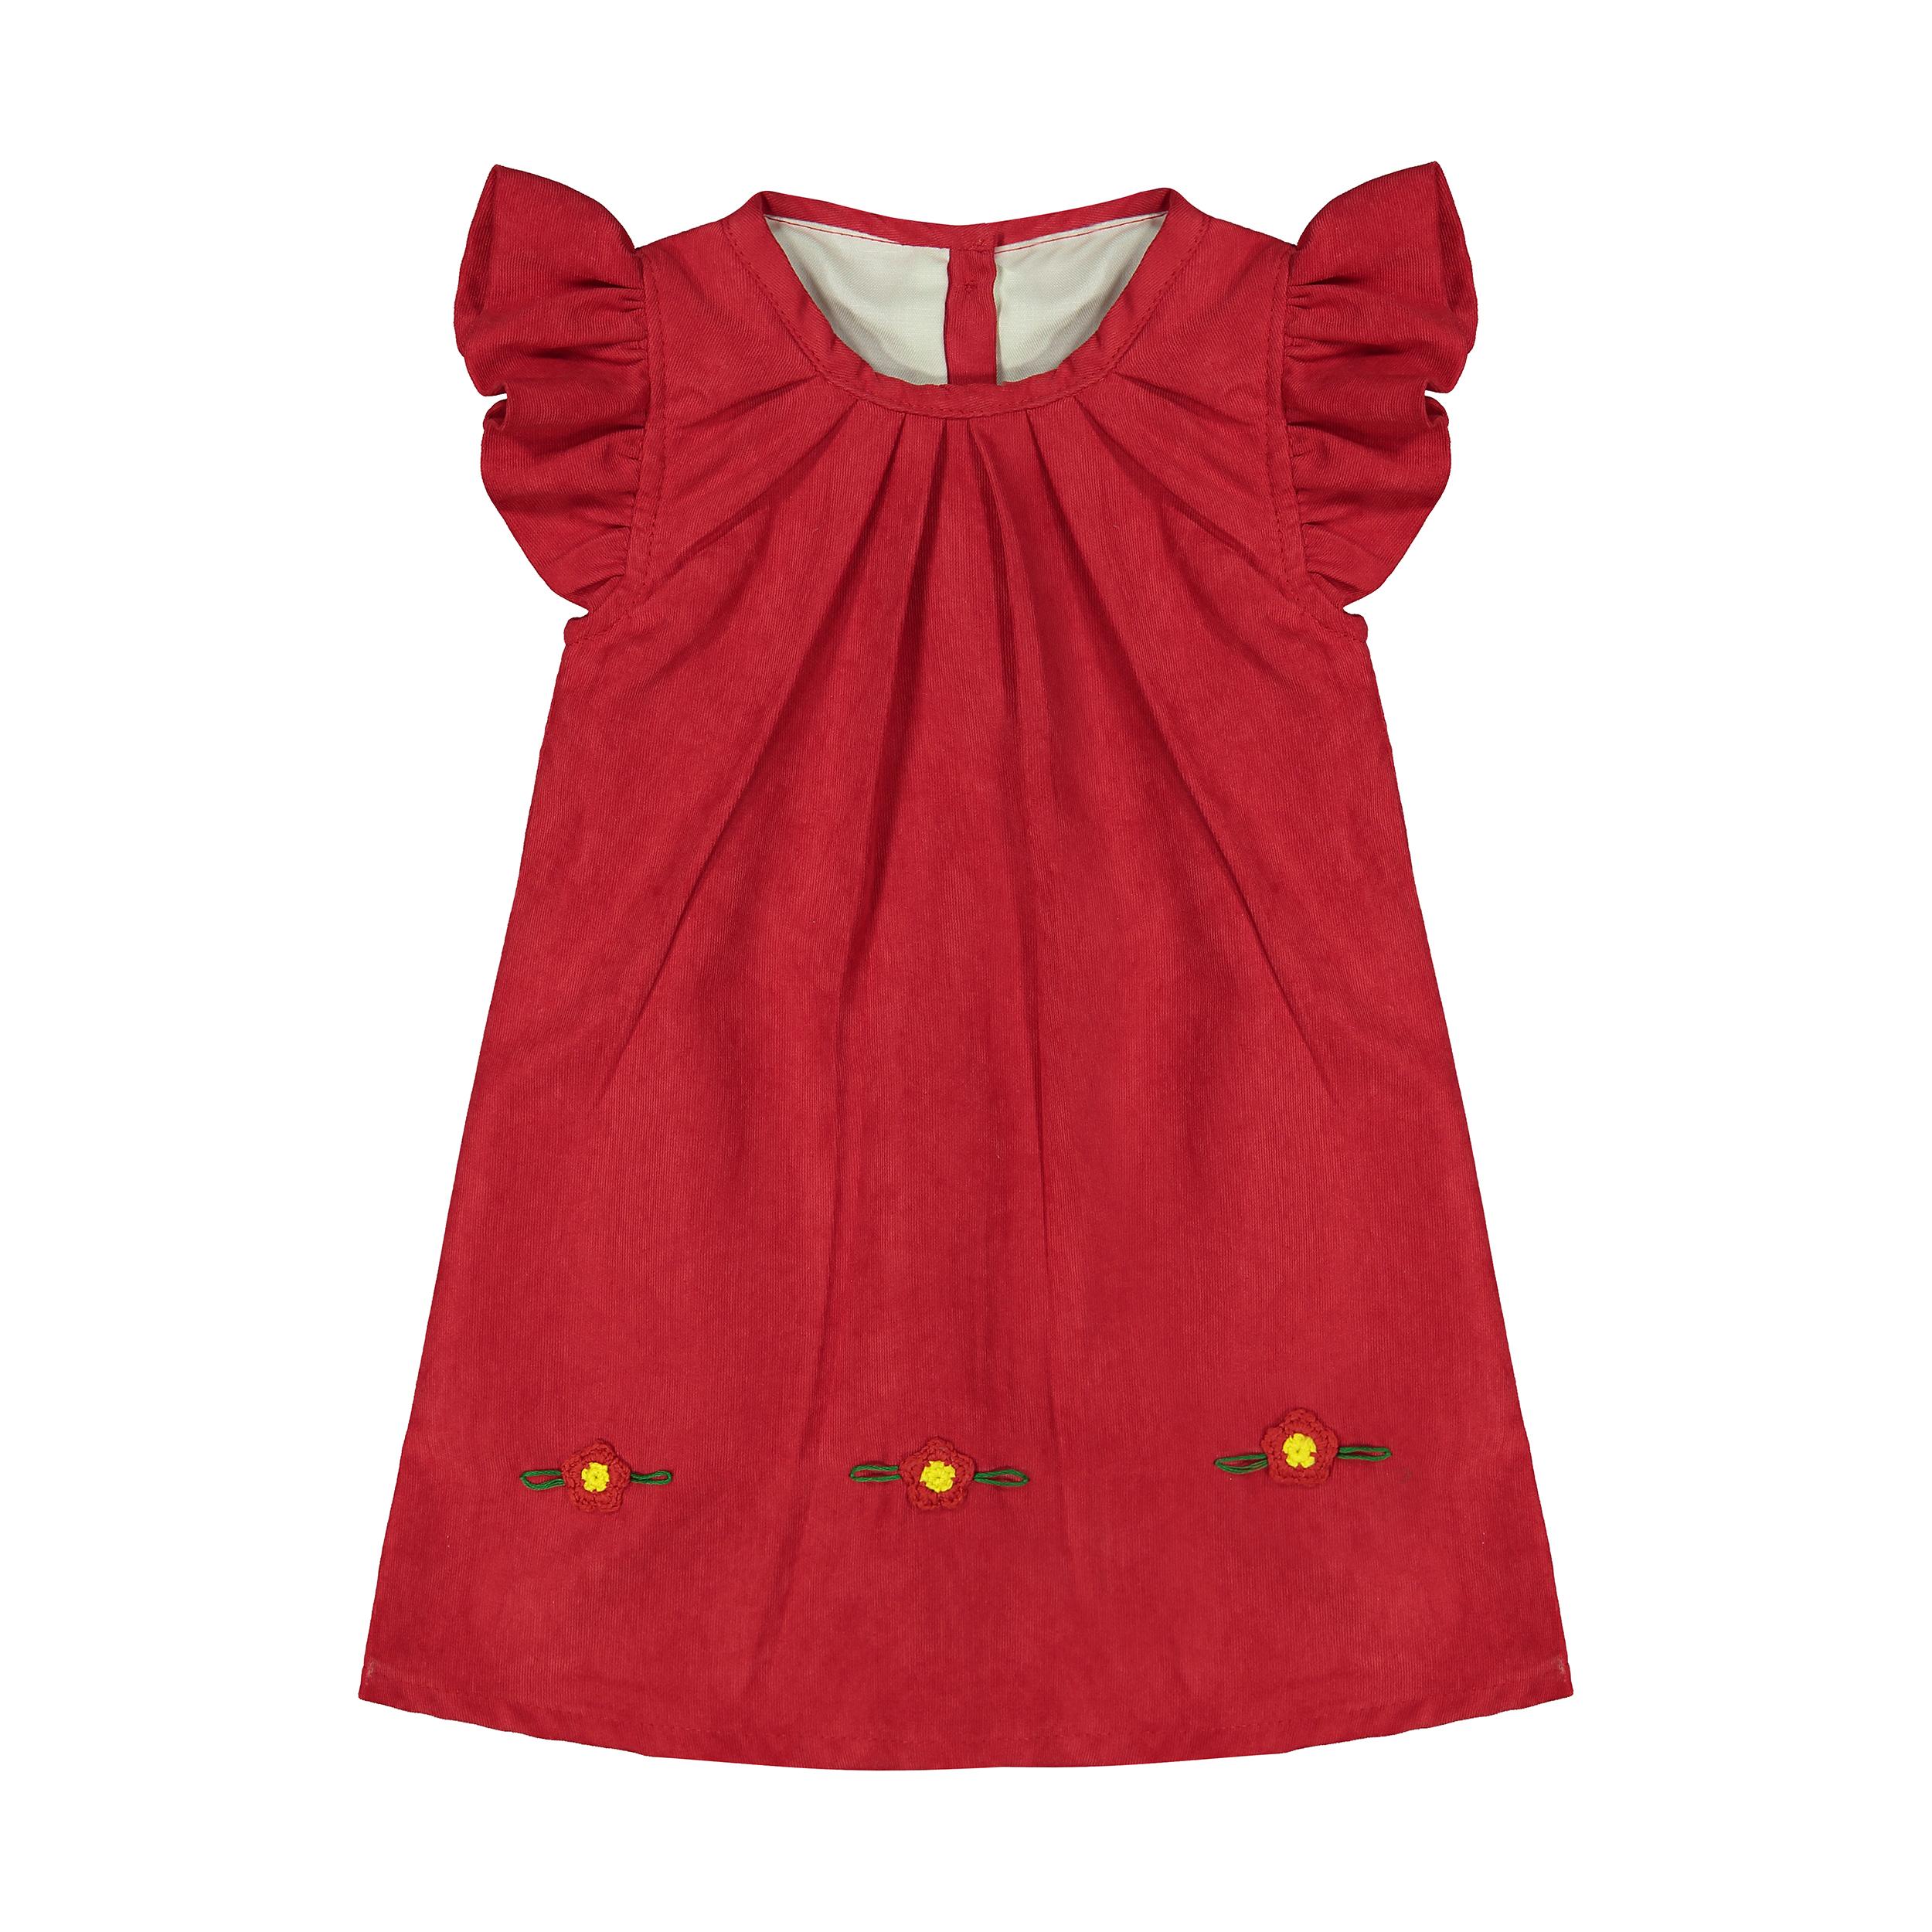 پیراهن نوزادی دخترانه کد 1016